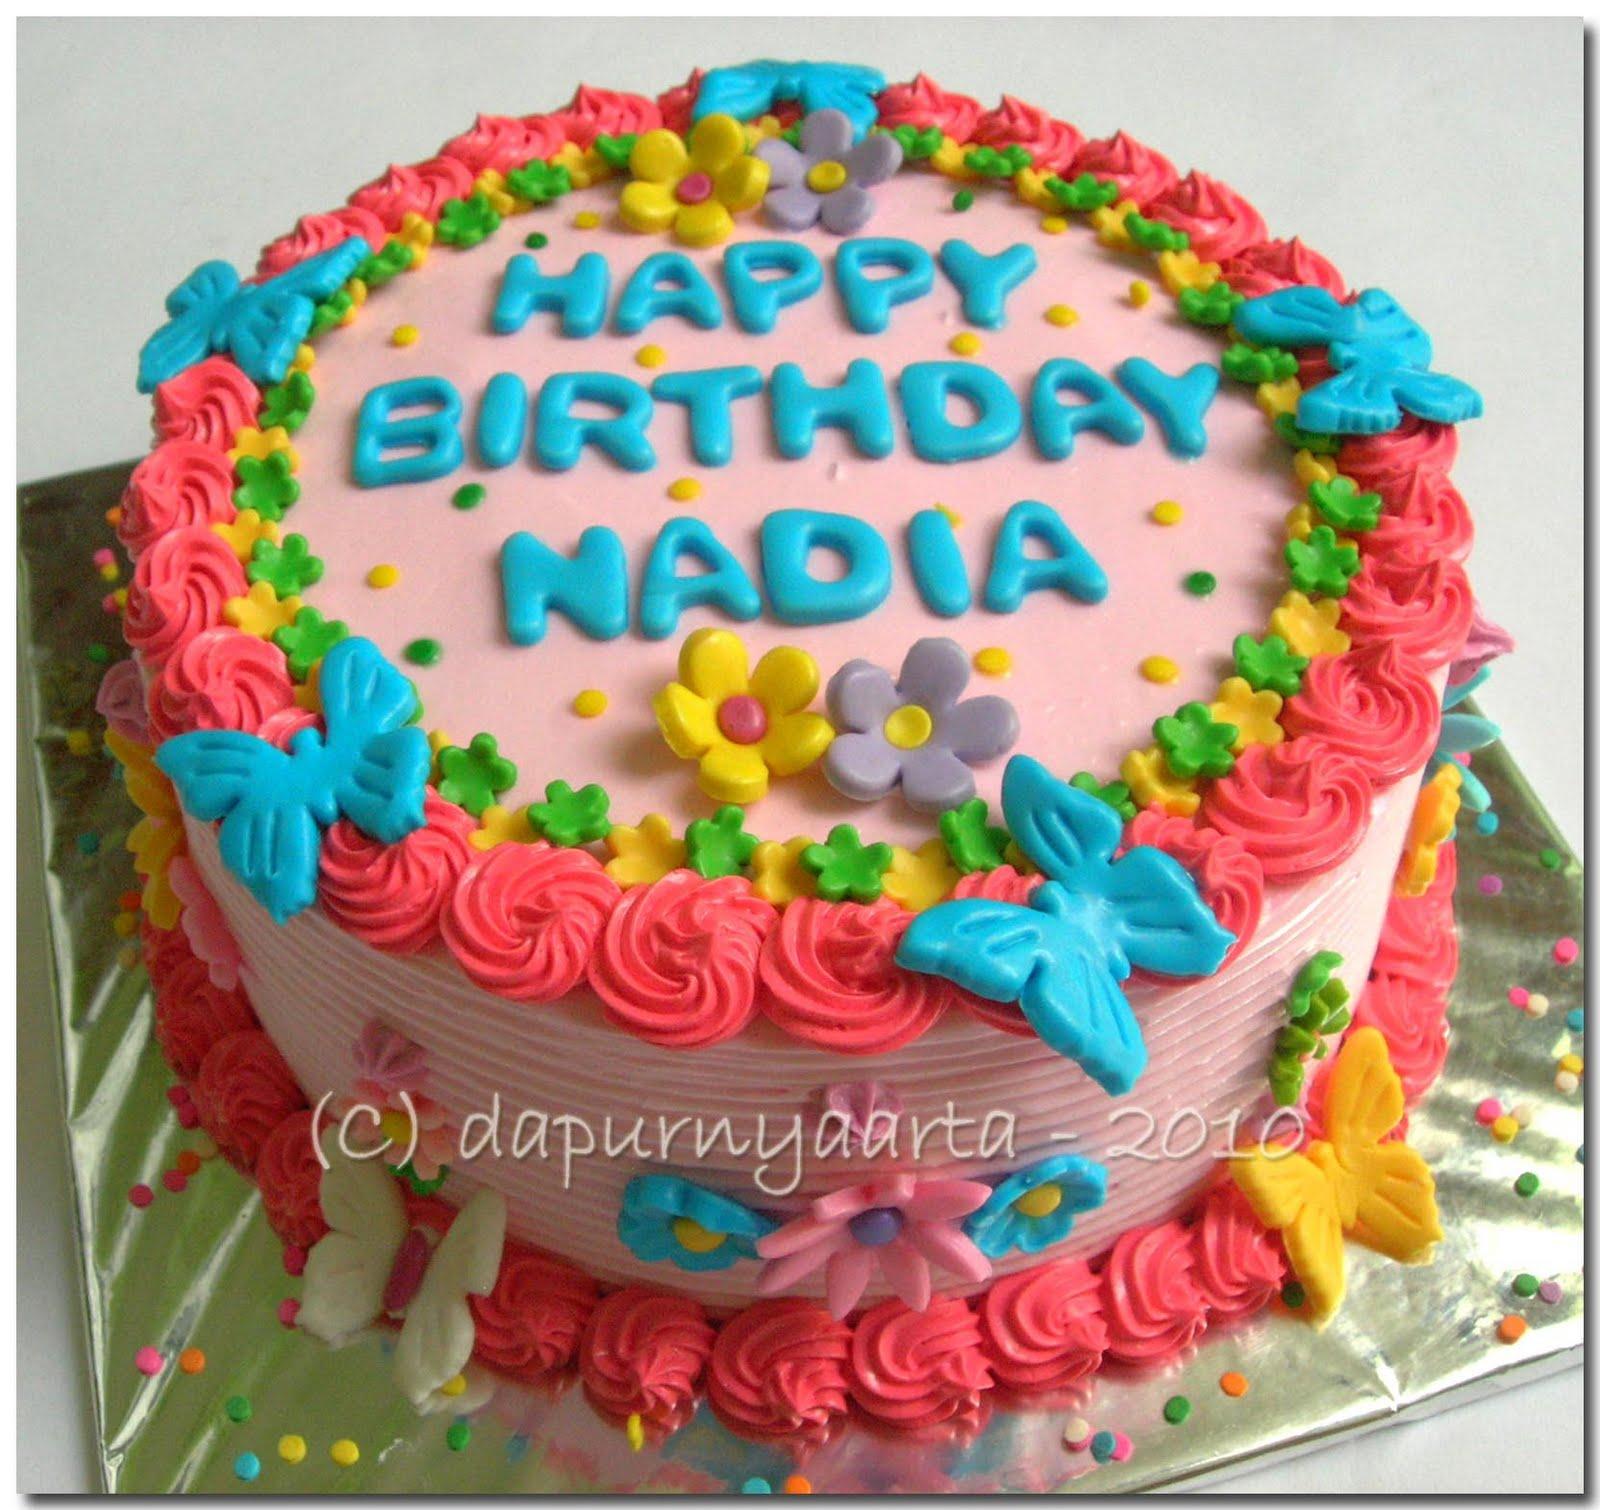 Happy Birthday Nadia Cake